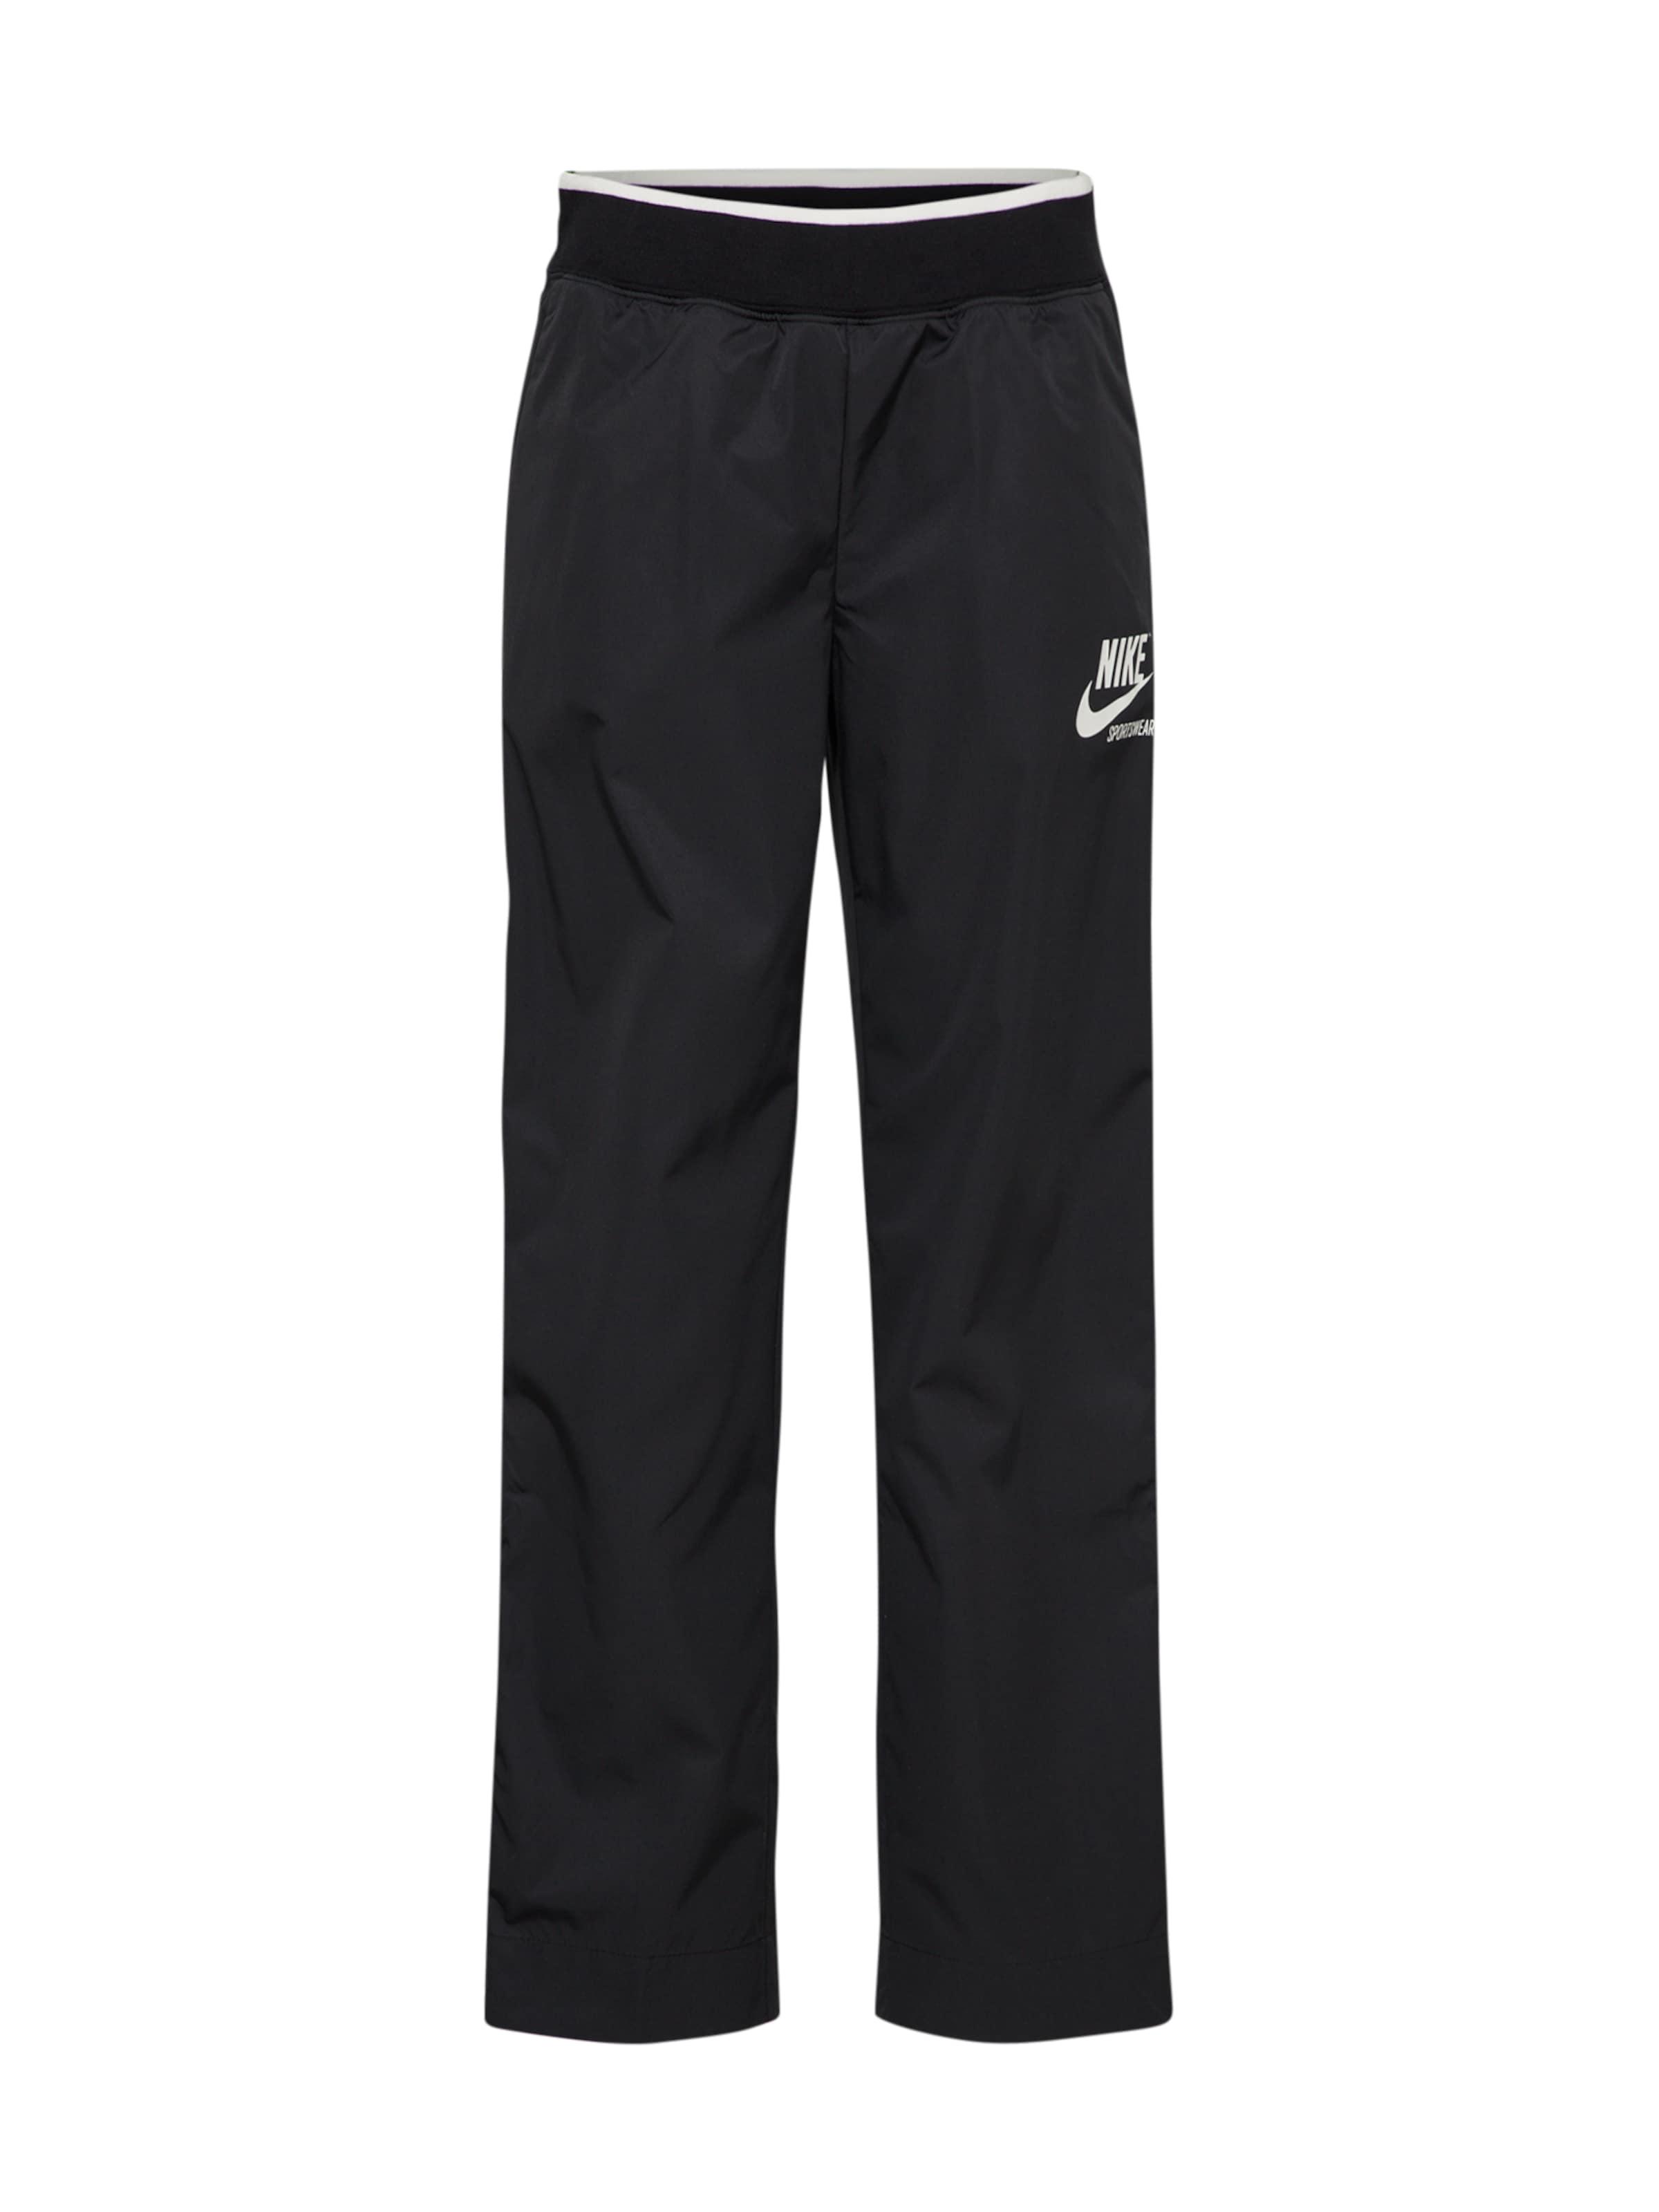 In Sportswear Hose Nike Schwarz Sportliche OknPw0